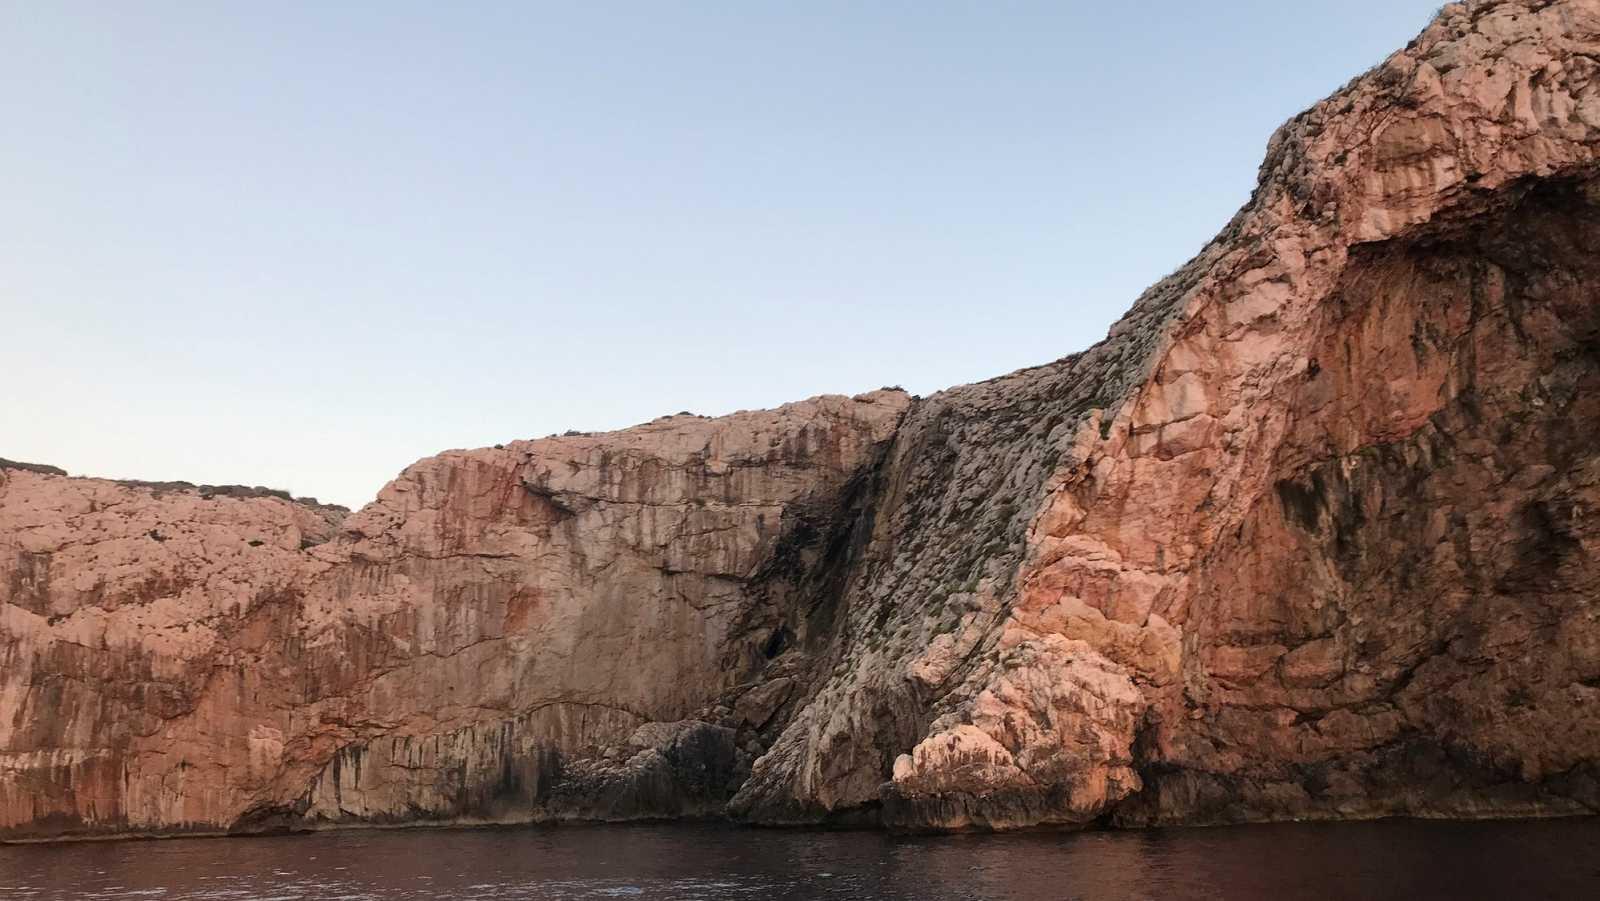 En Directe a Ràdio 4 - Vida verda - L'extinció progressiva del virot a les Balears